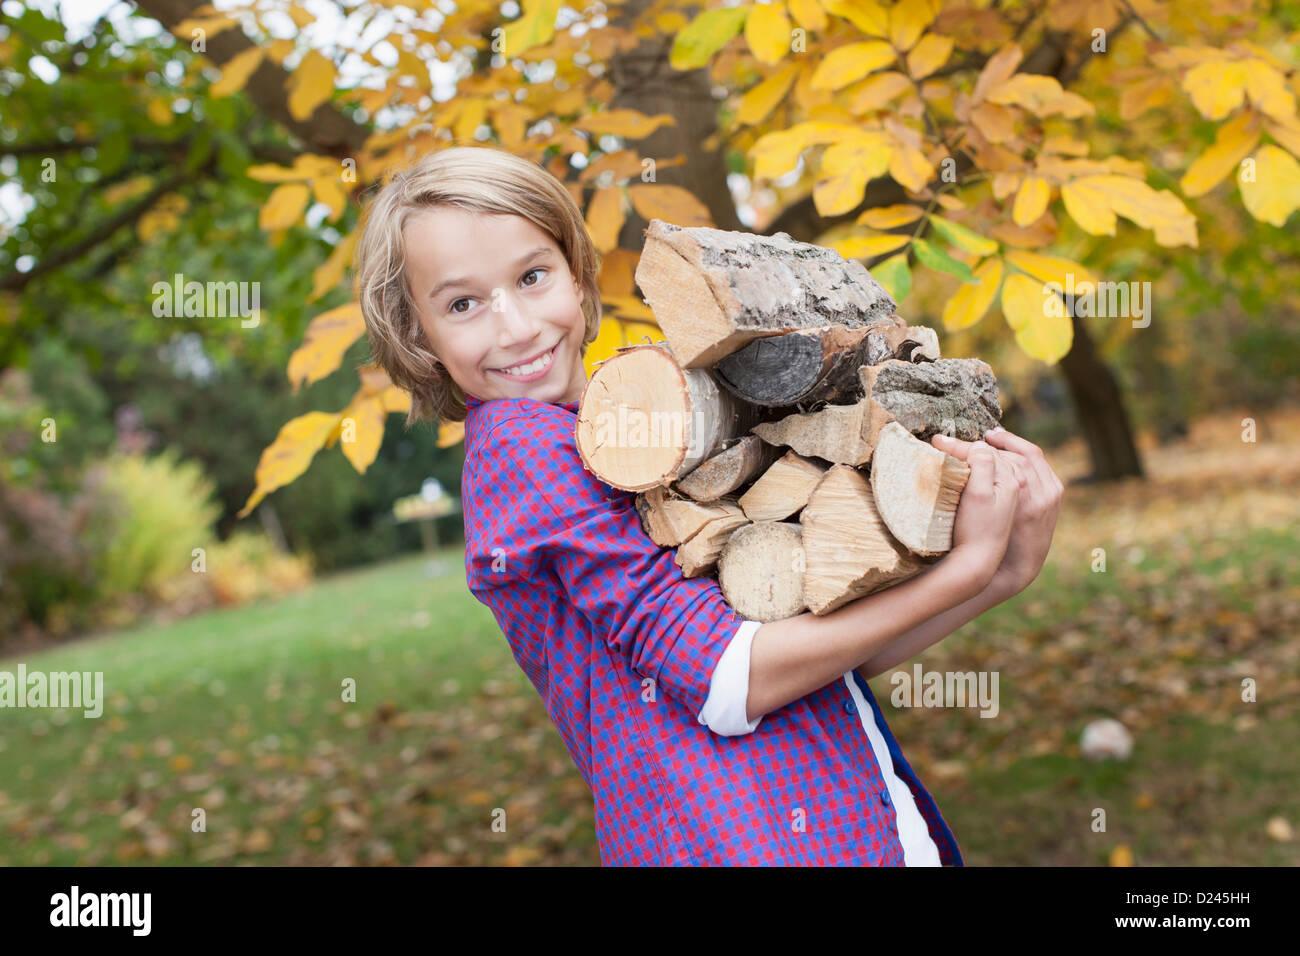 Germany, Leipzig, Boy holding firewood, smiling - Stock Image